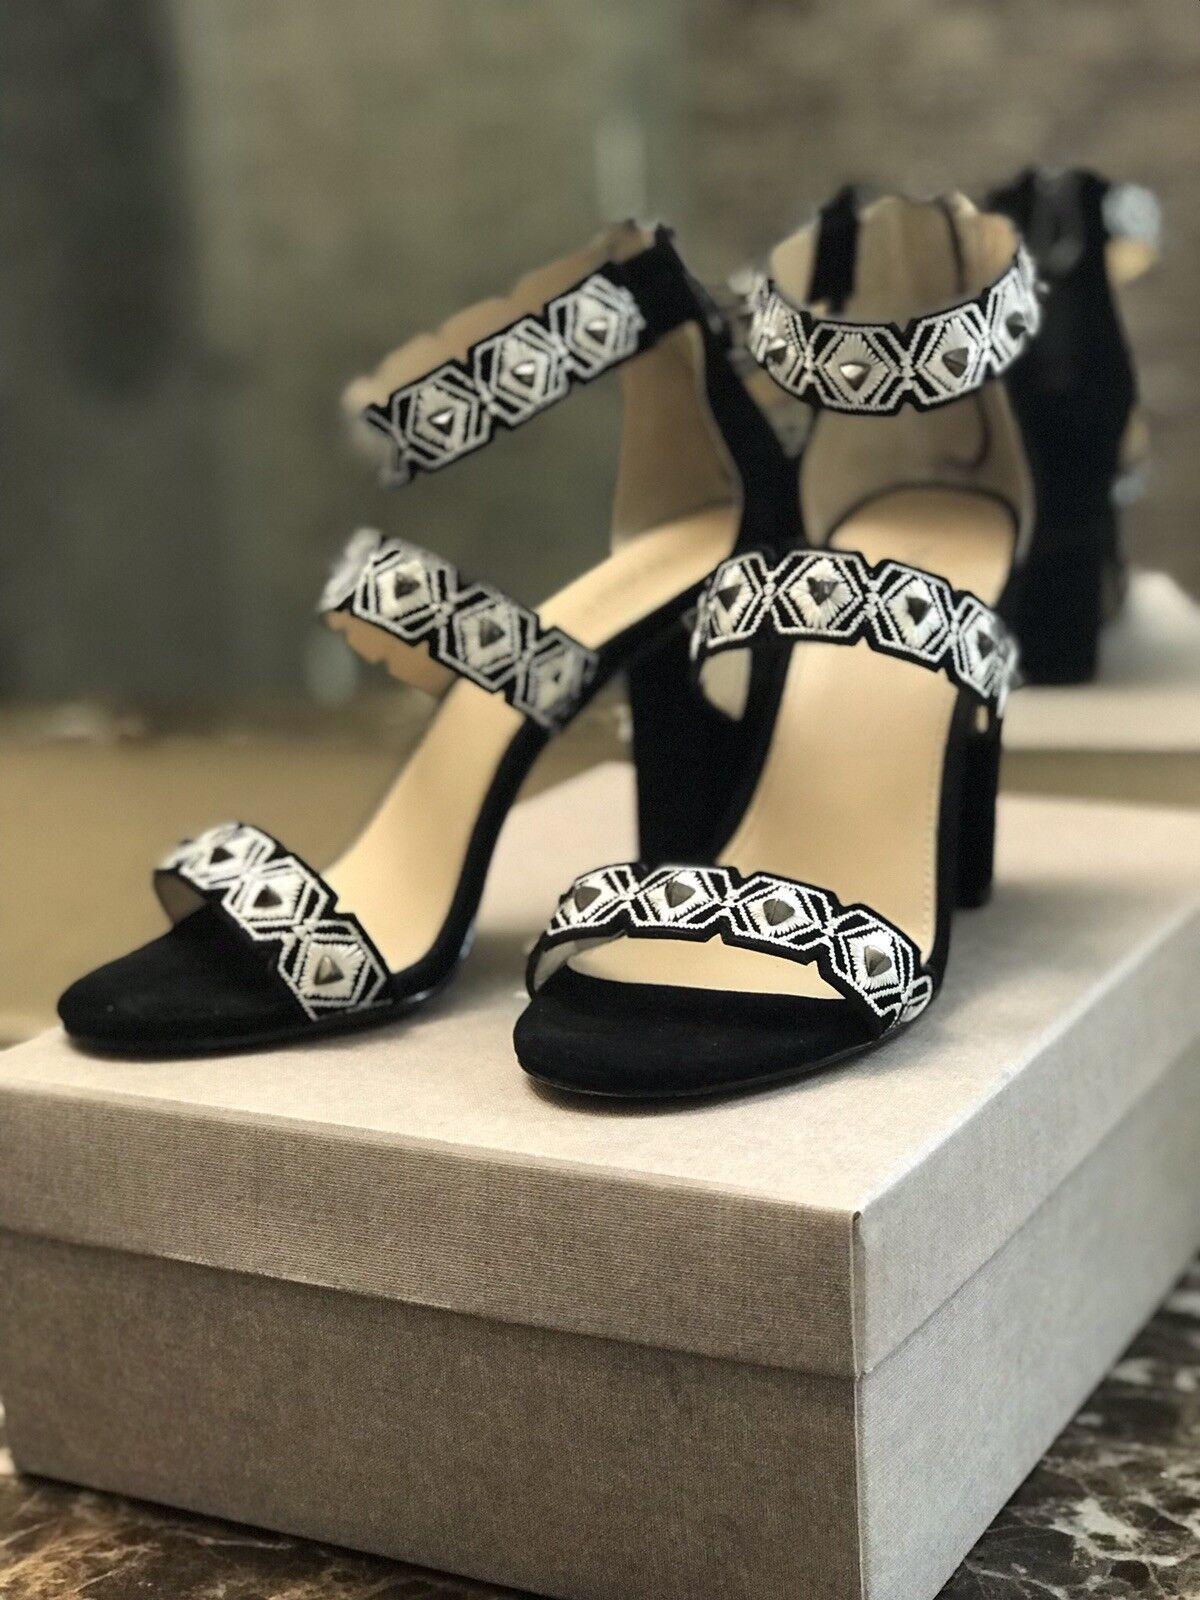 178 sz 7.5 Botkier Gigi Blk Suede Heel Ankle Strap Embellished Womens Sandals